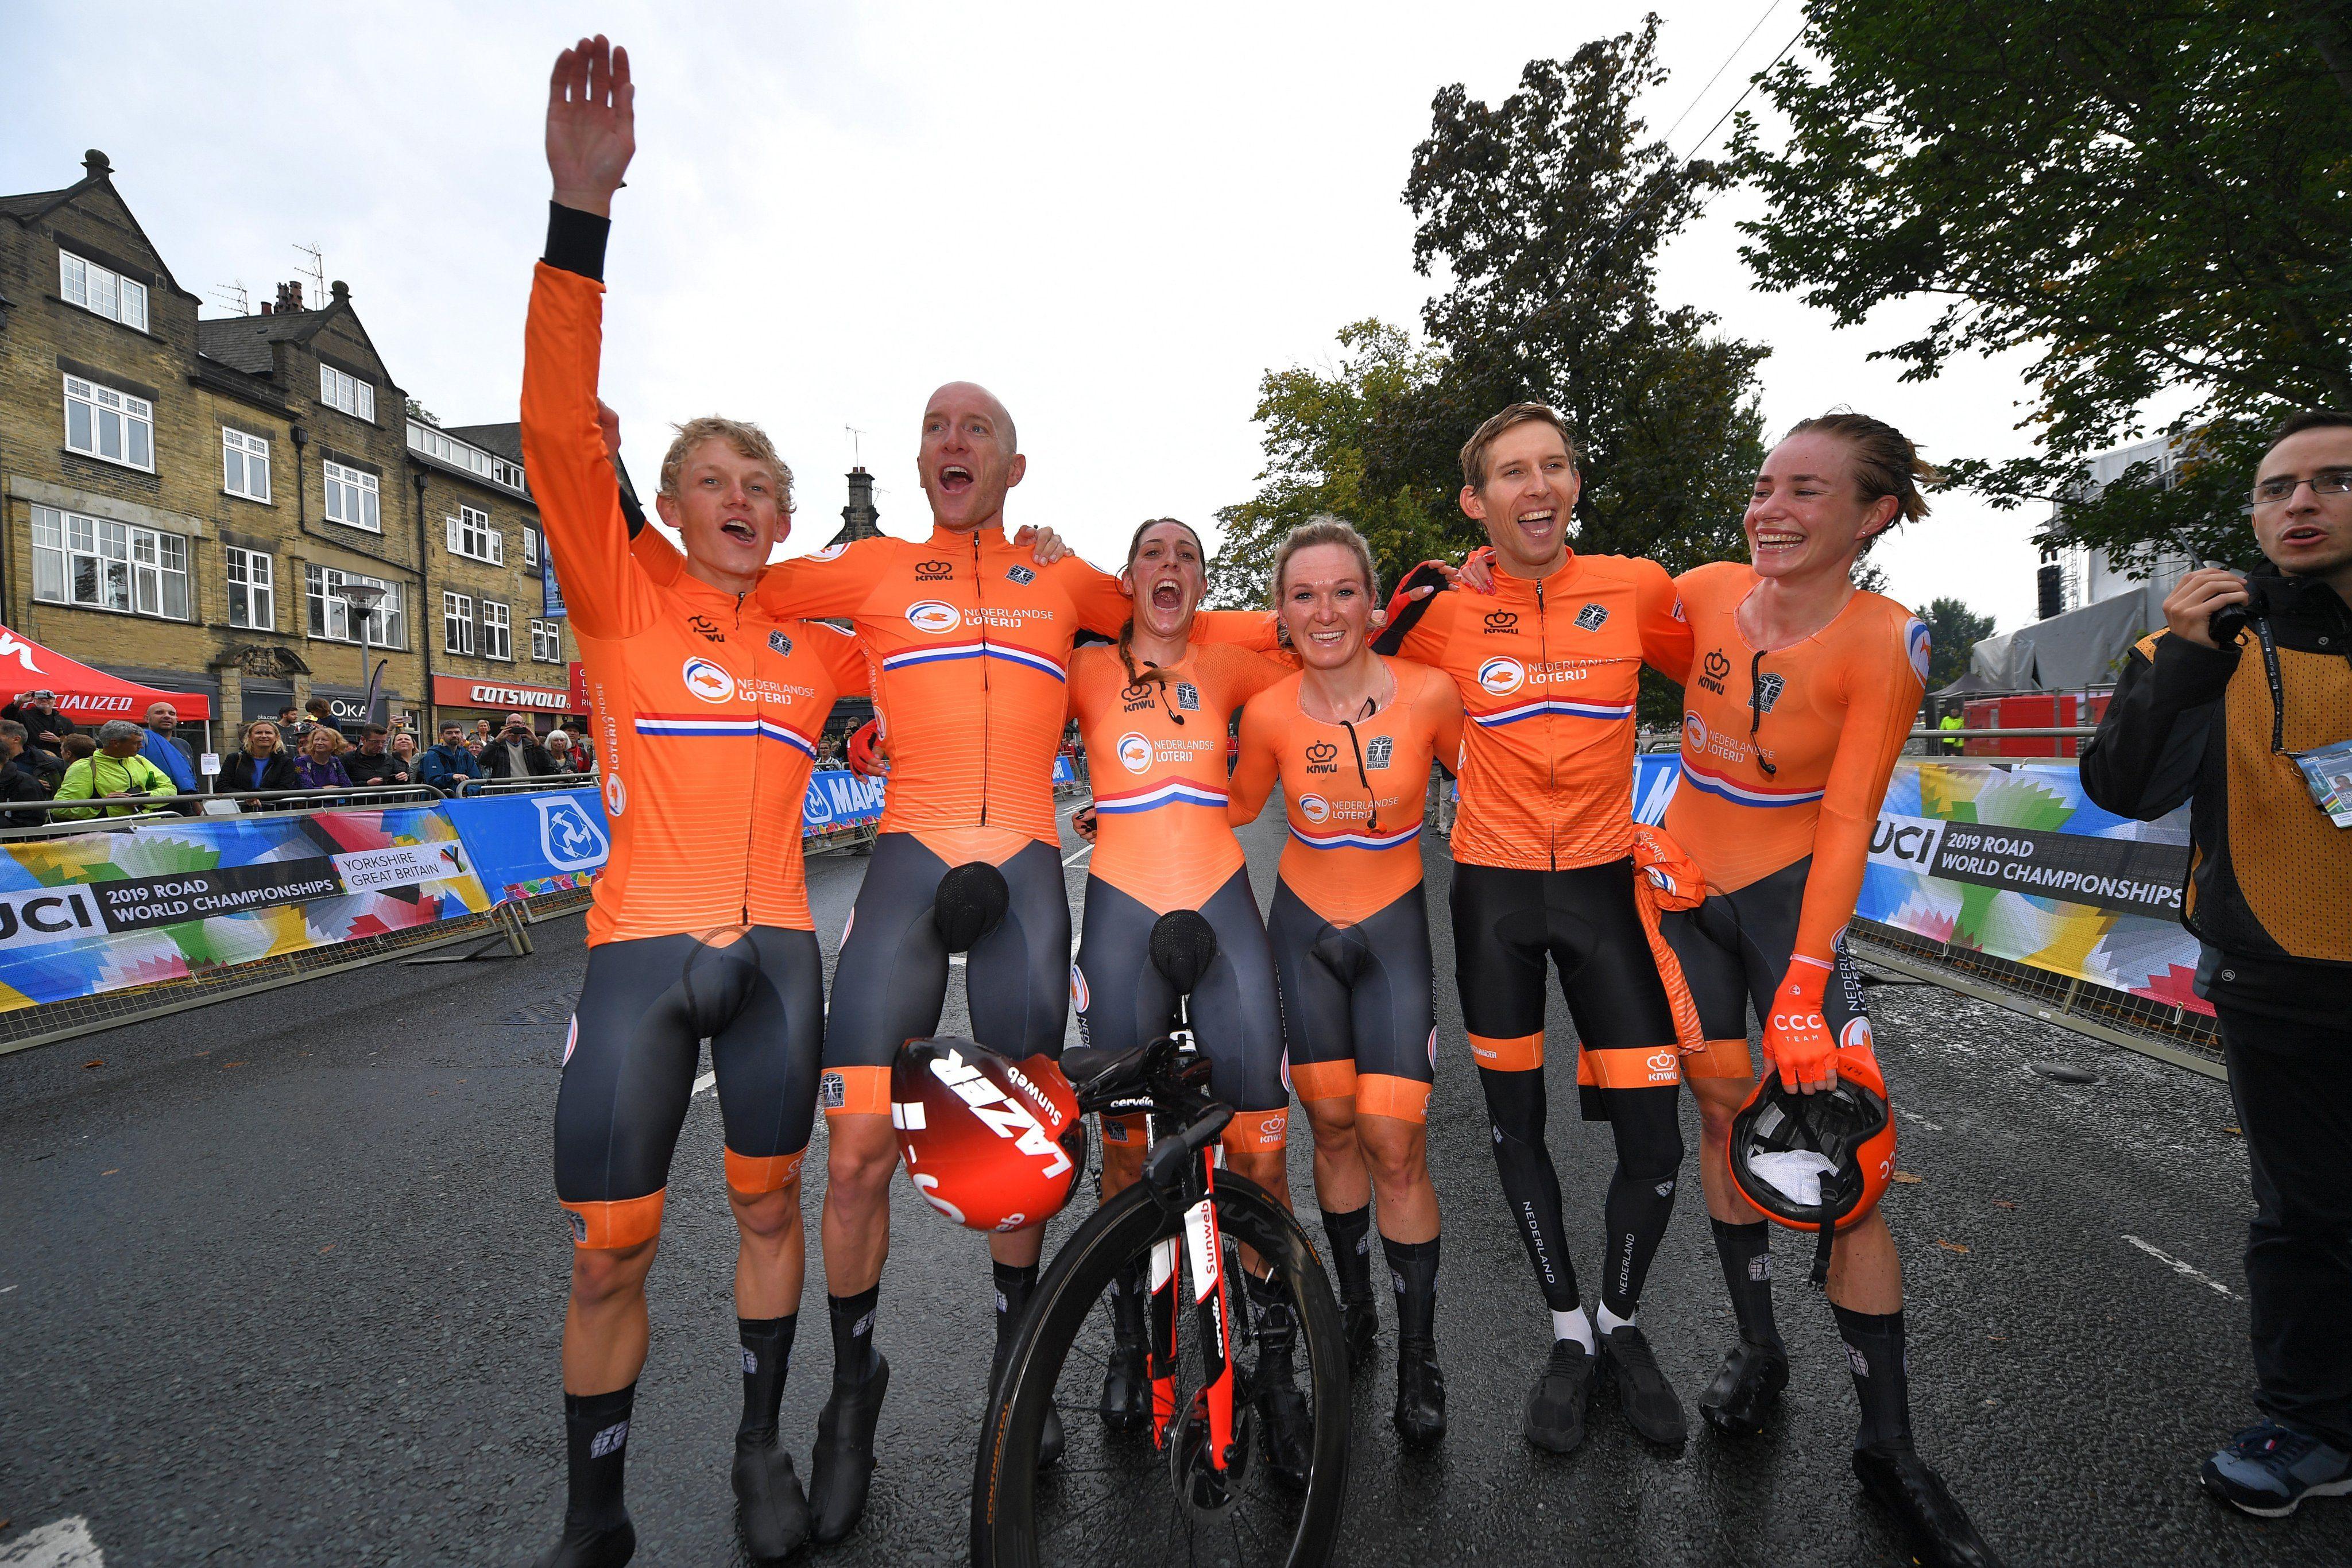 Сборная Нидерландов одержала победу в смешанной эстафете на чемпионате мира по велоспорту